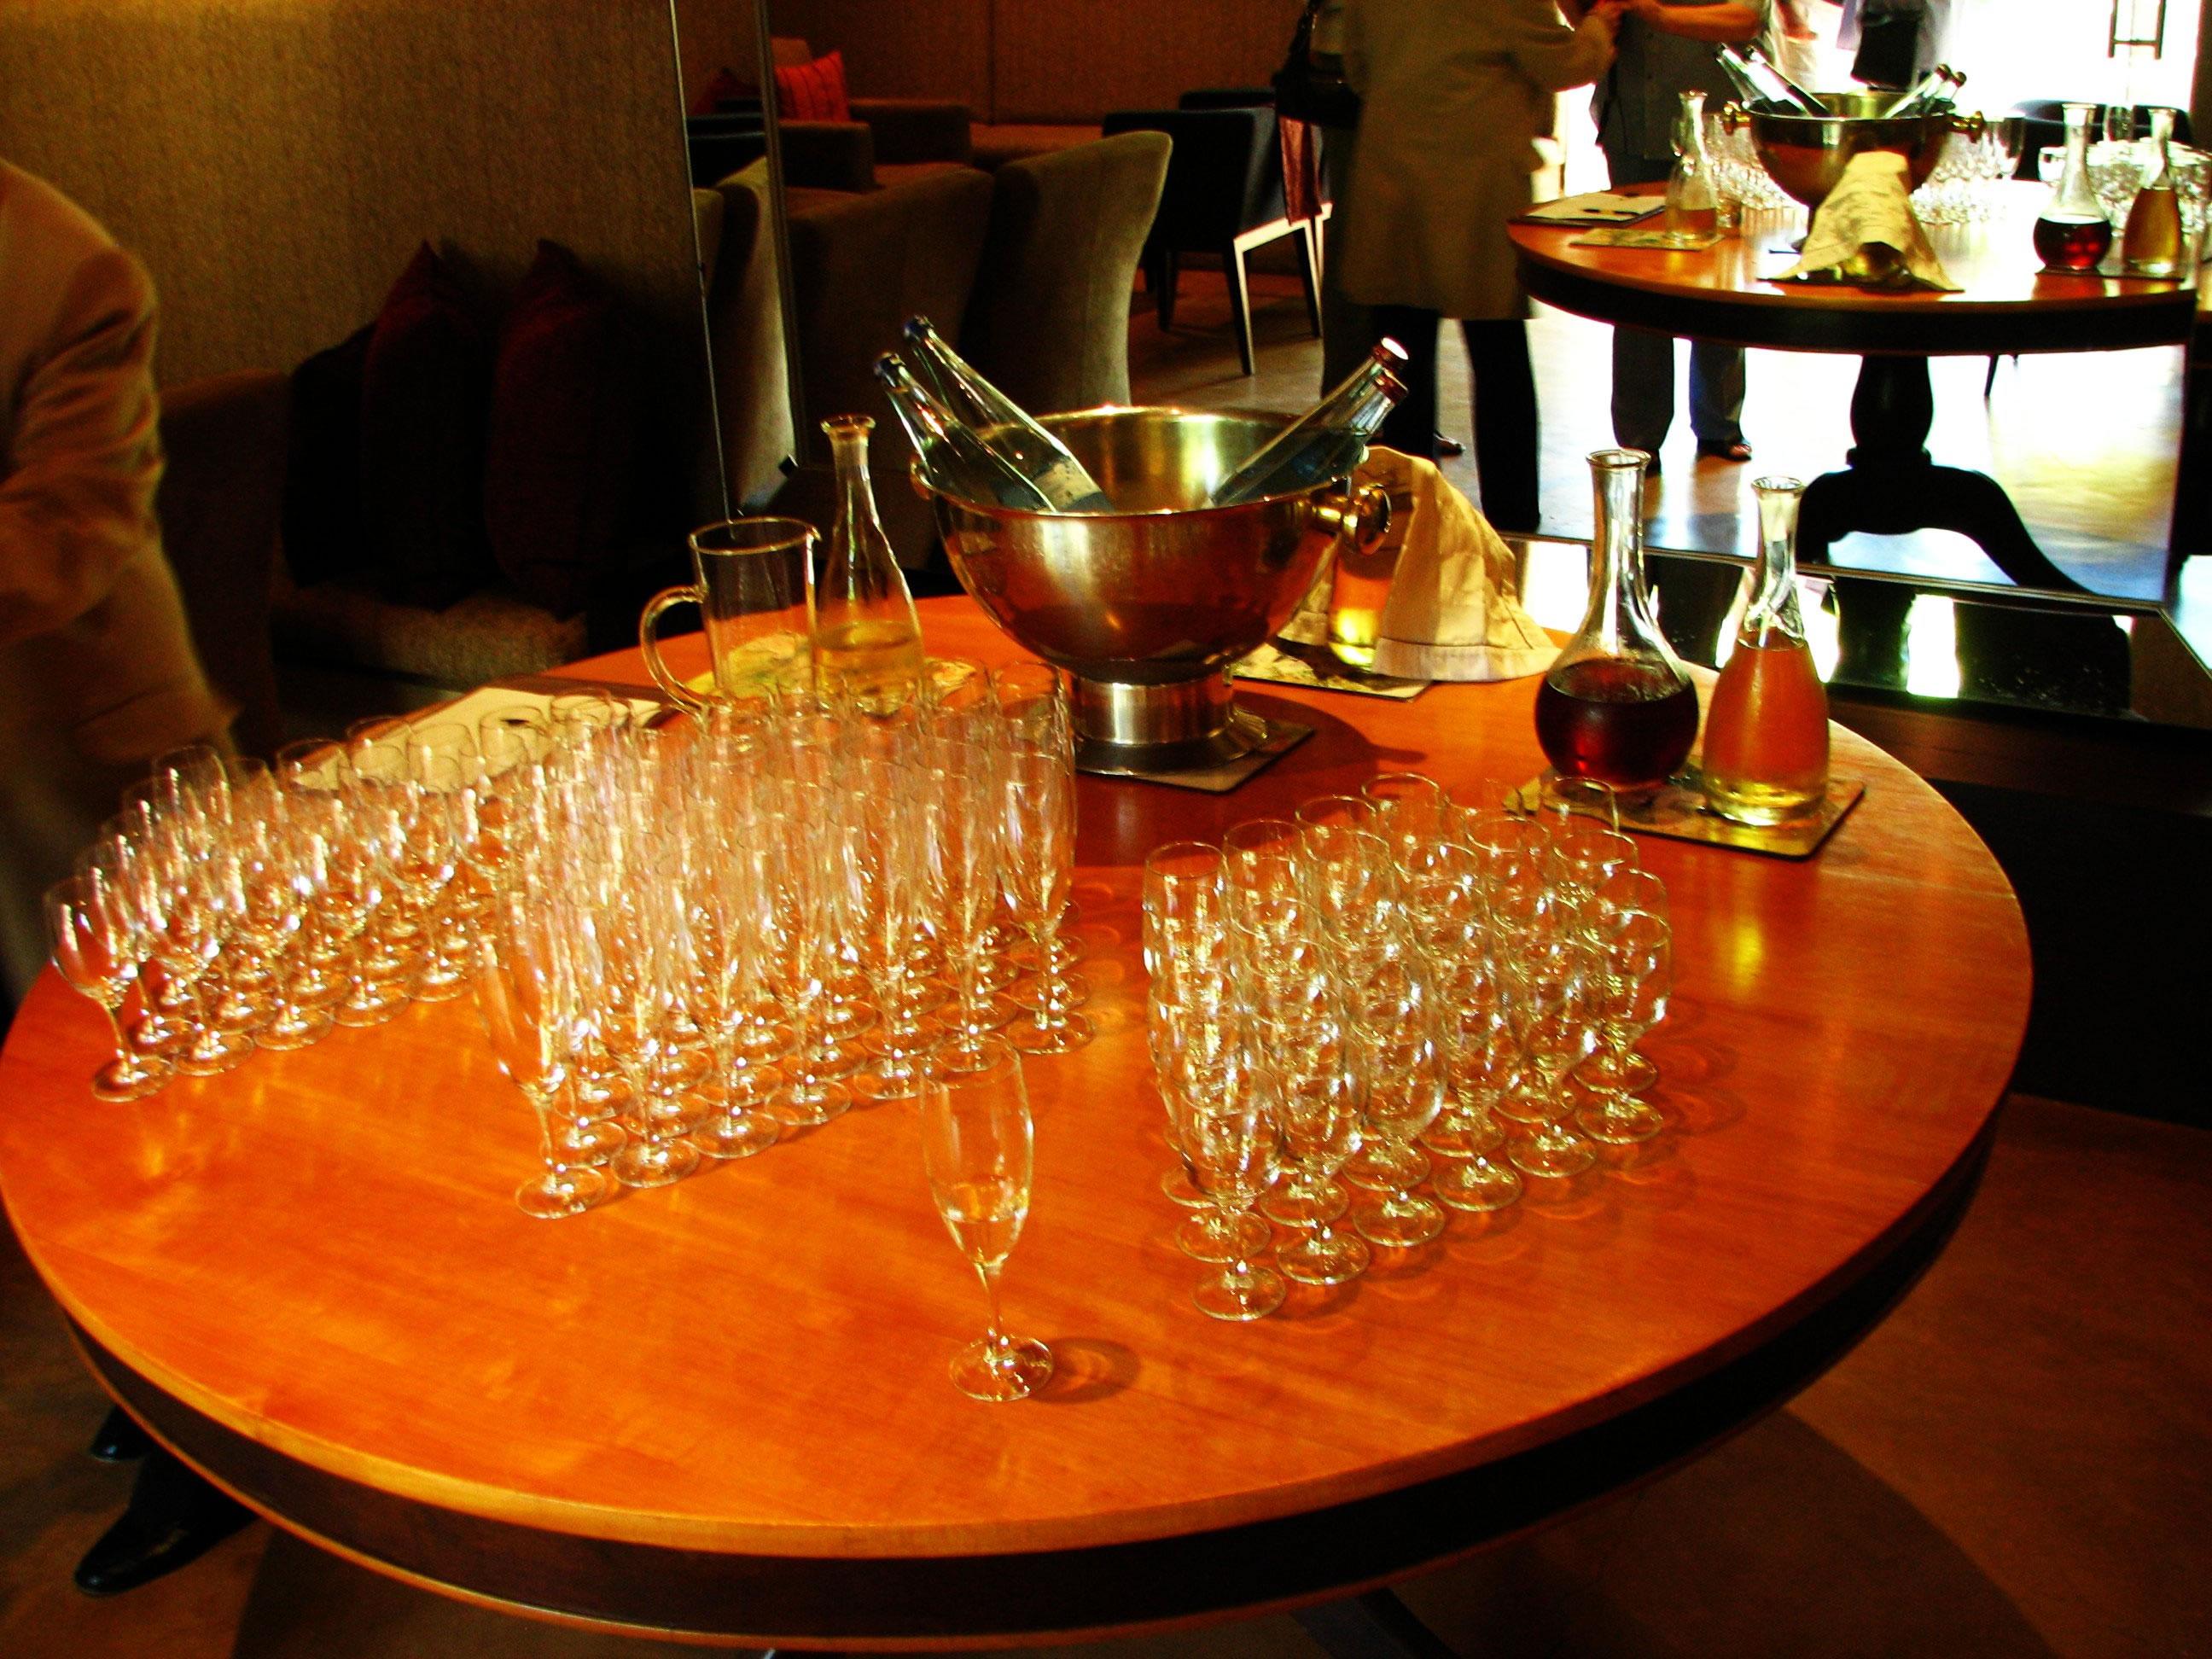 Boschendal wine estate boschendal aperitif jpg for Boschendal wine